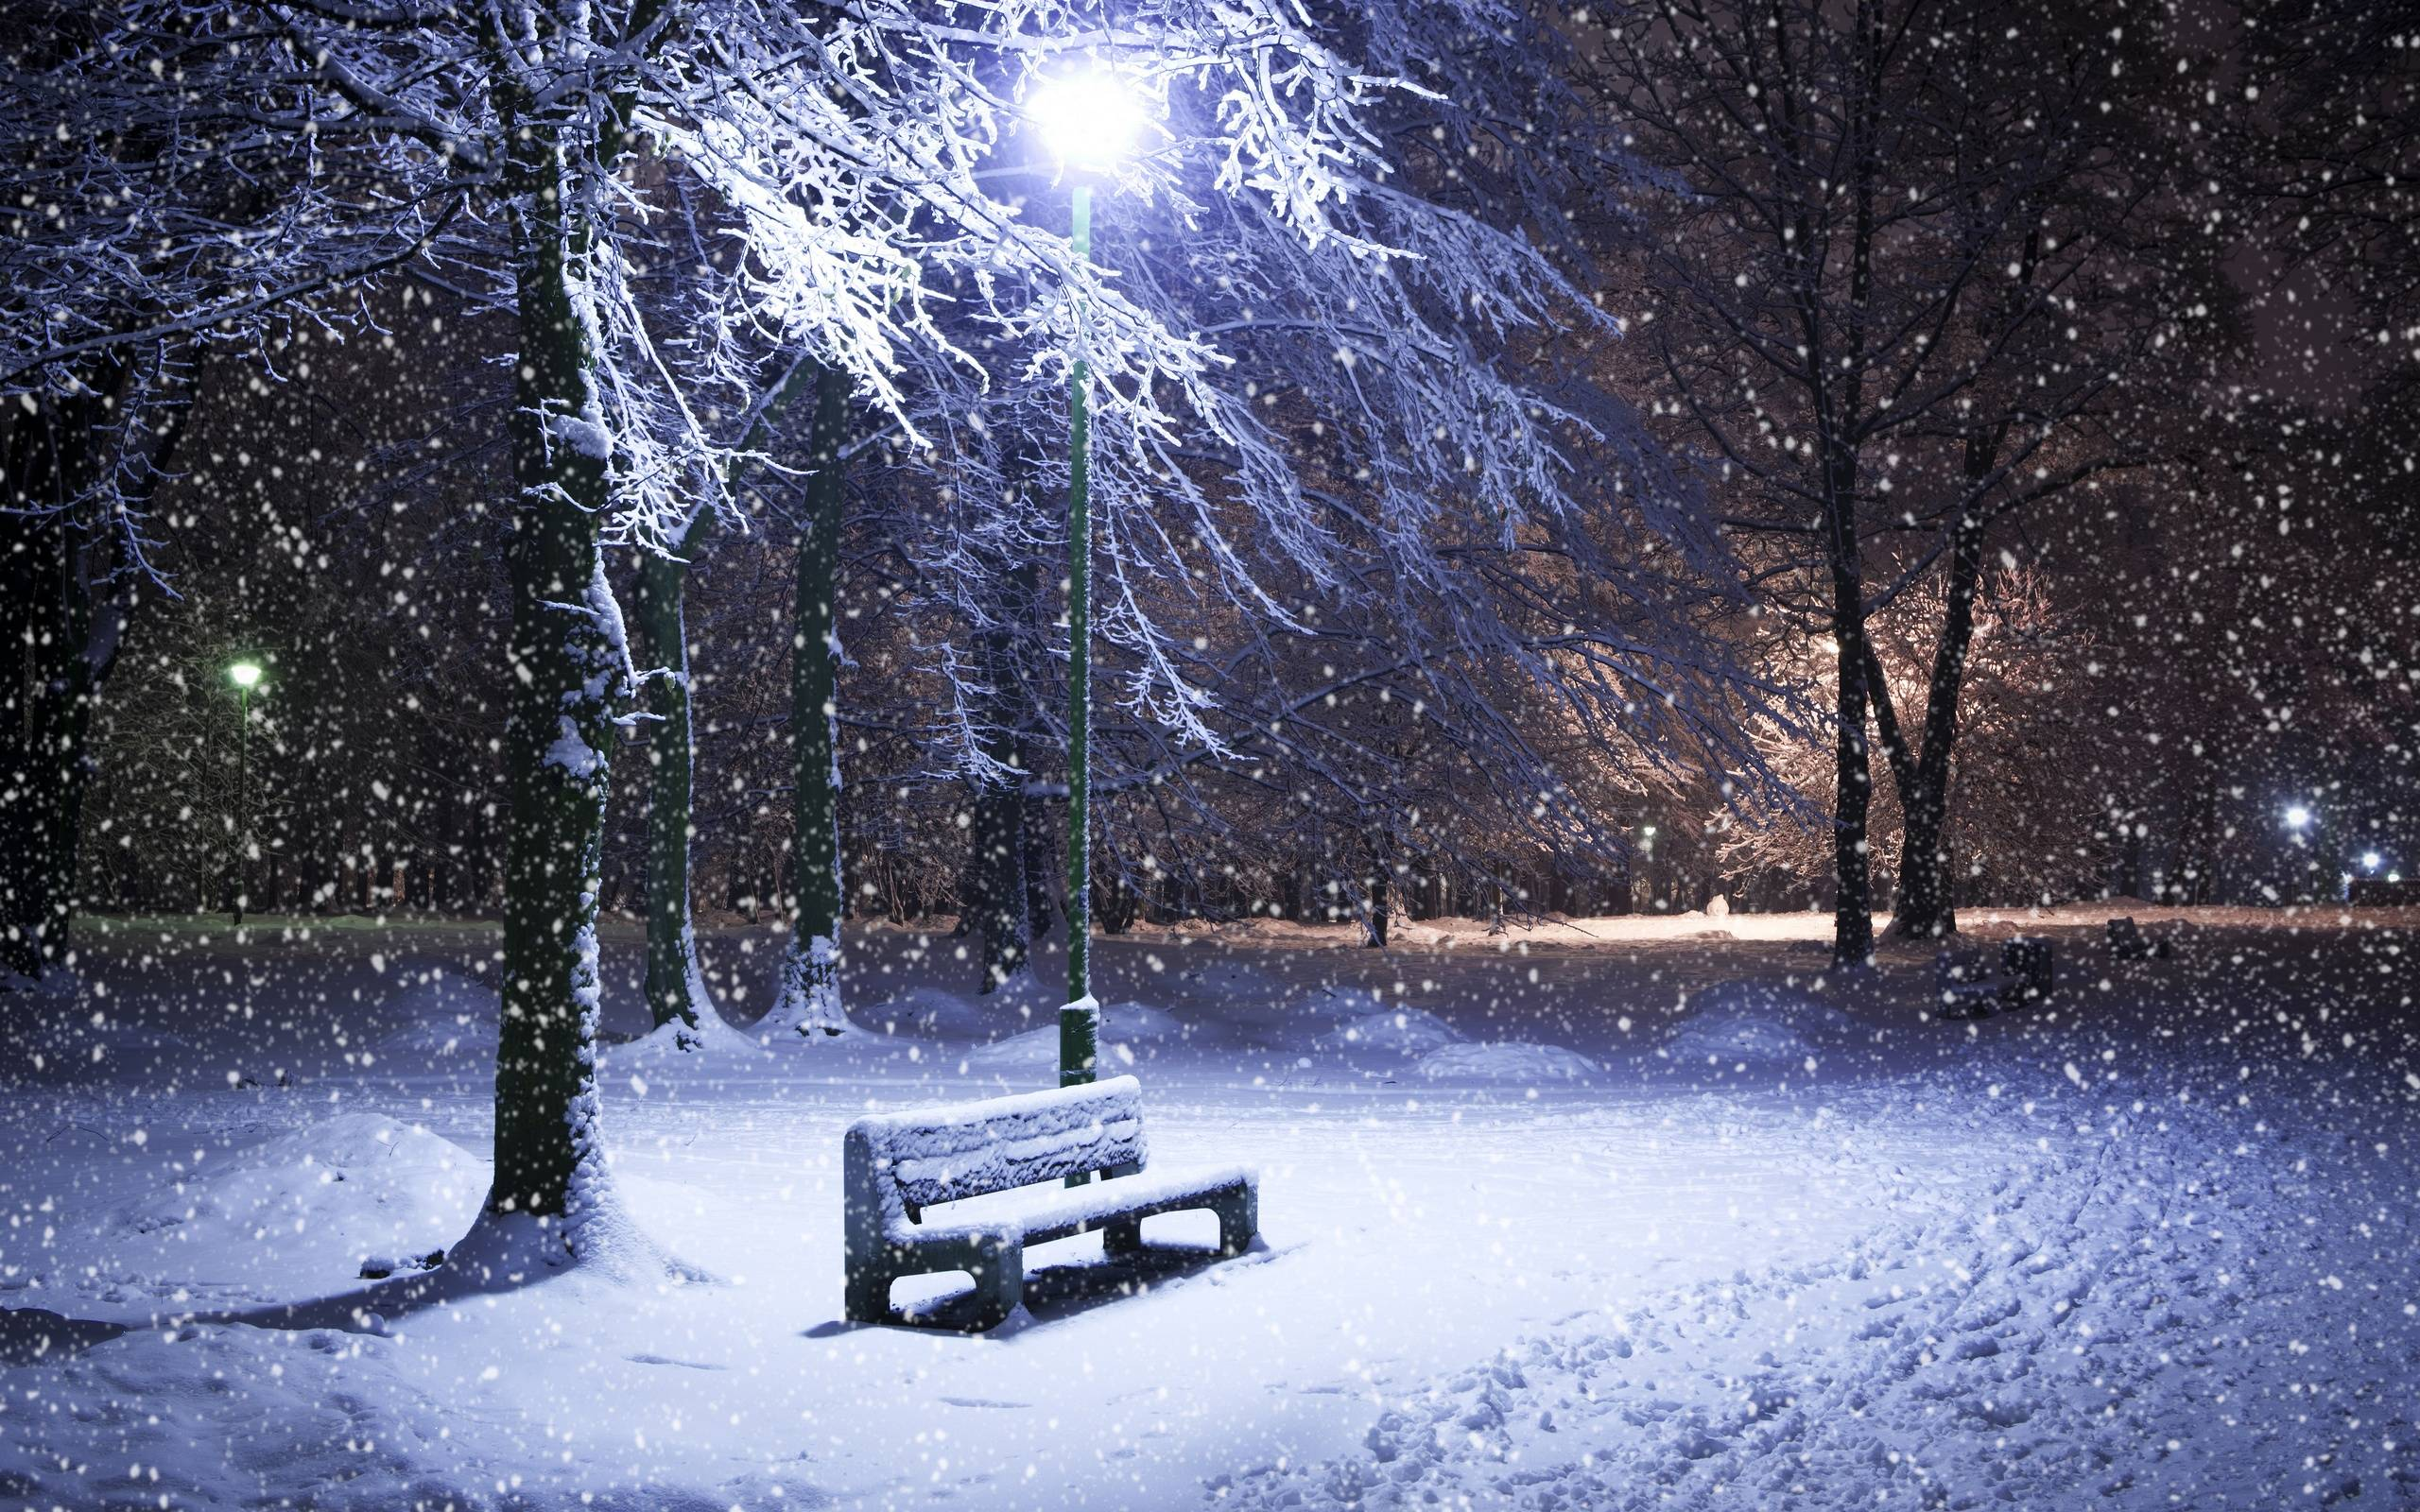 Winter Night Wallpaper 11410 Full HD Wallpaper Desktop - Res .